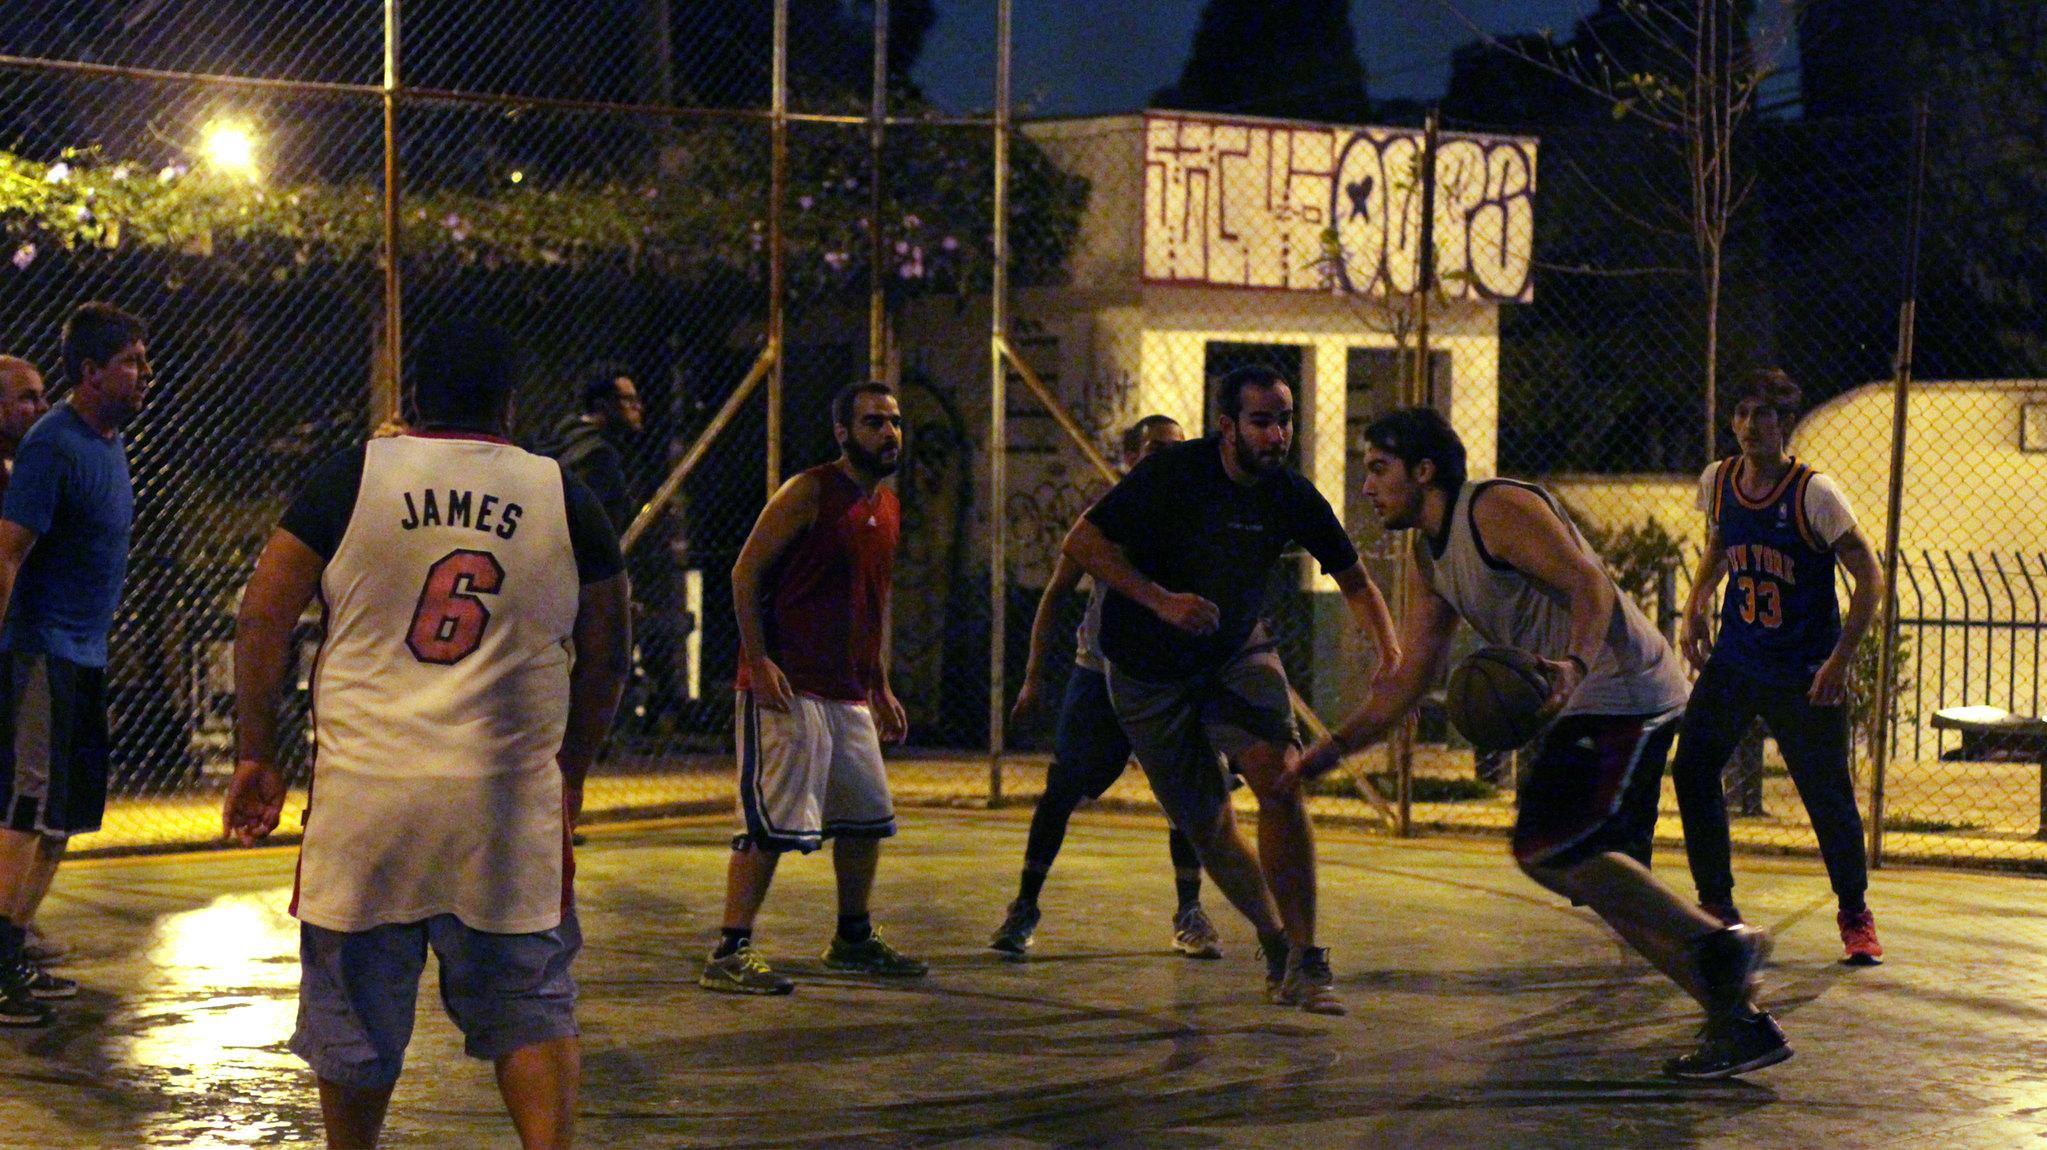 Esportes na rua